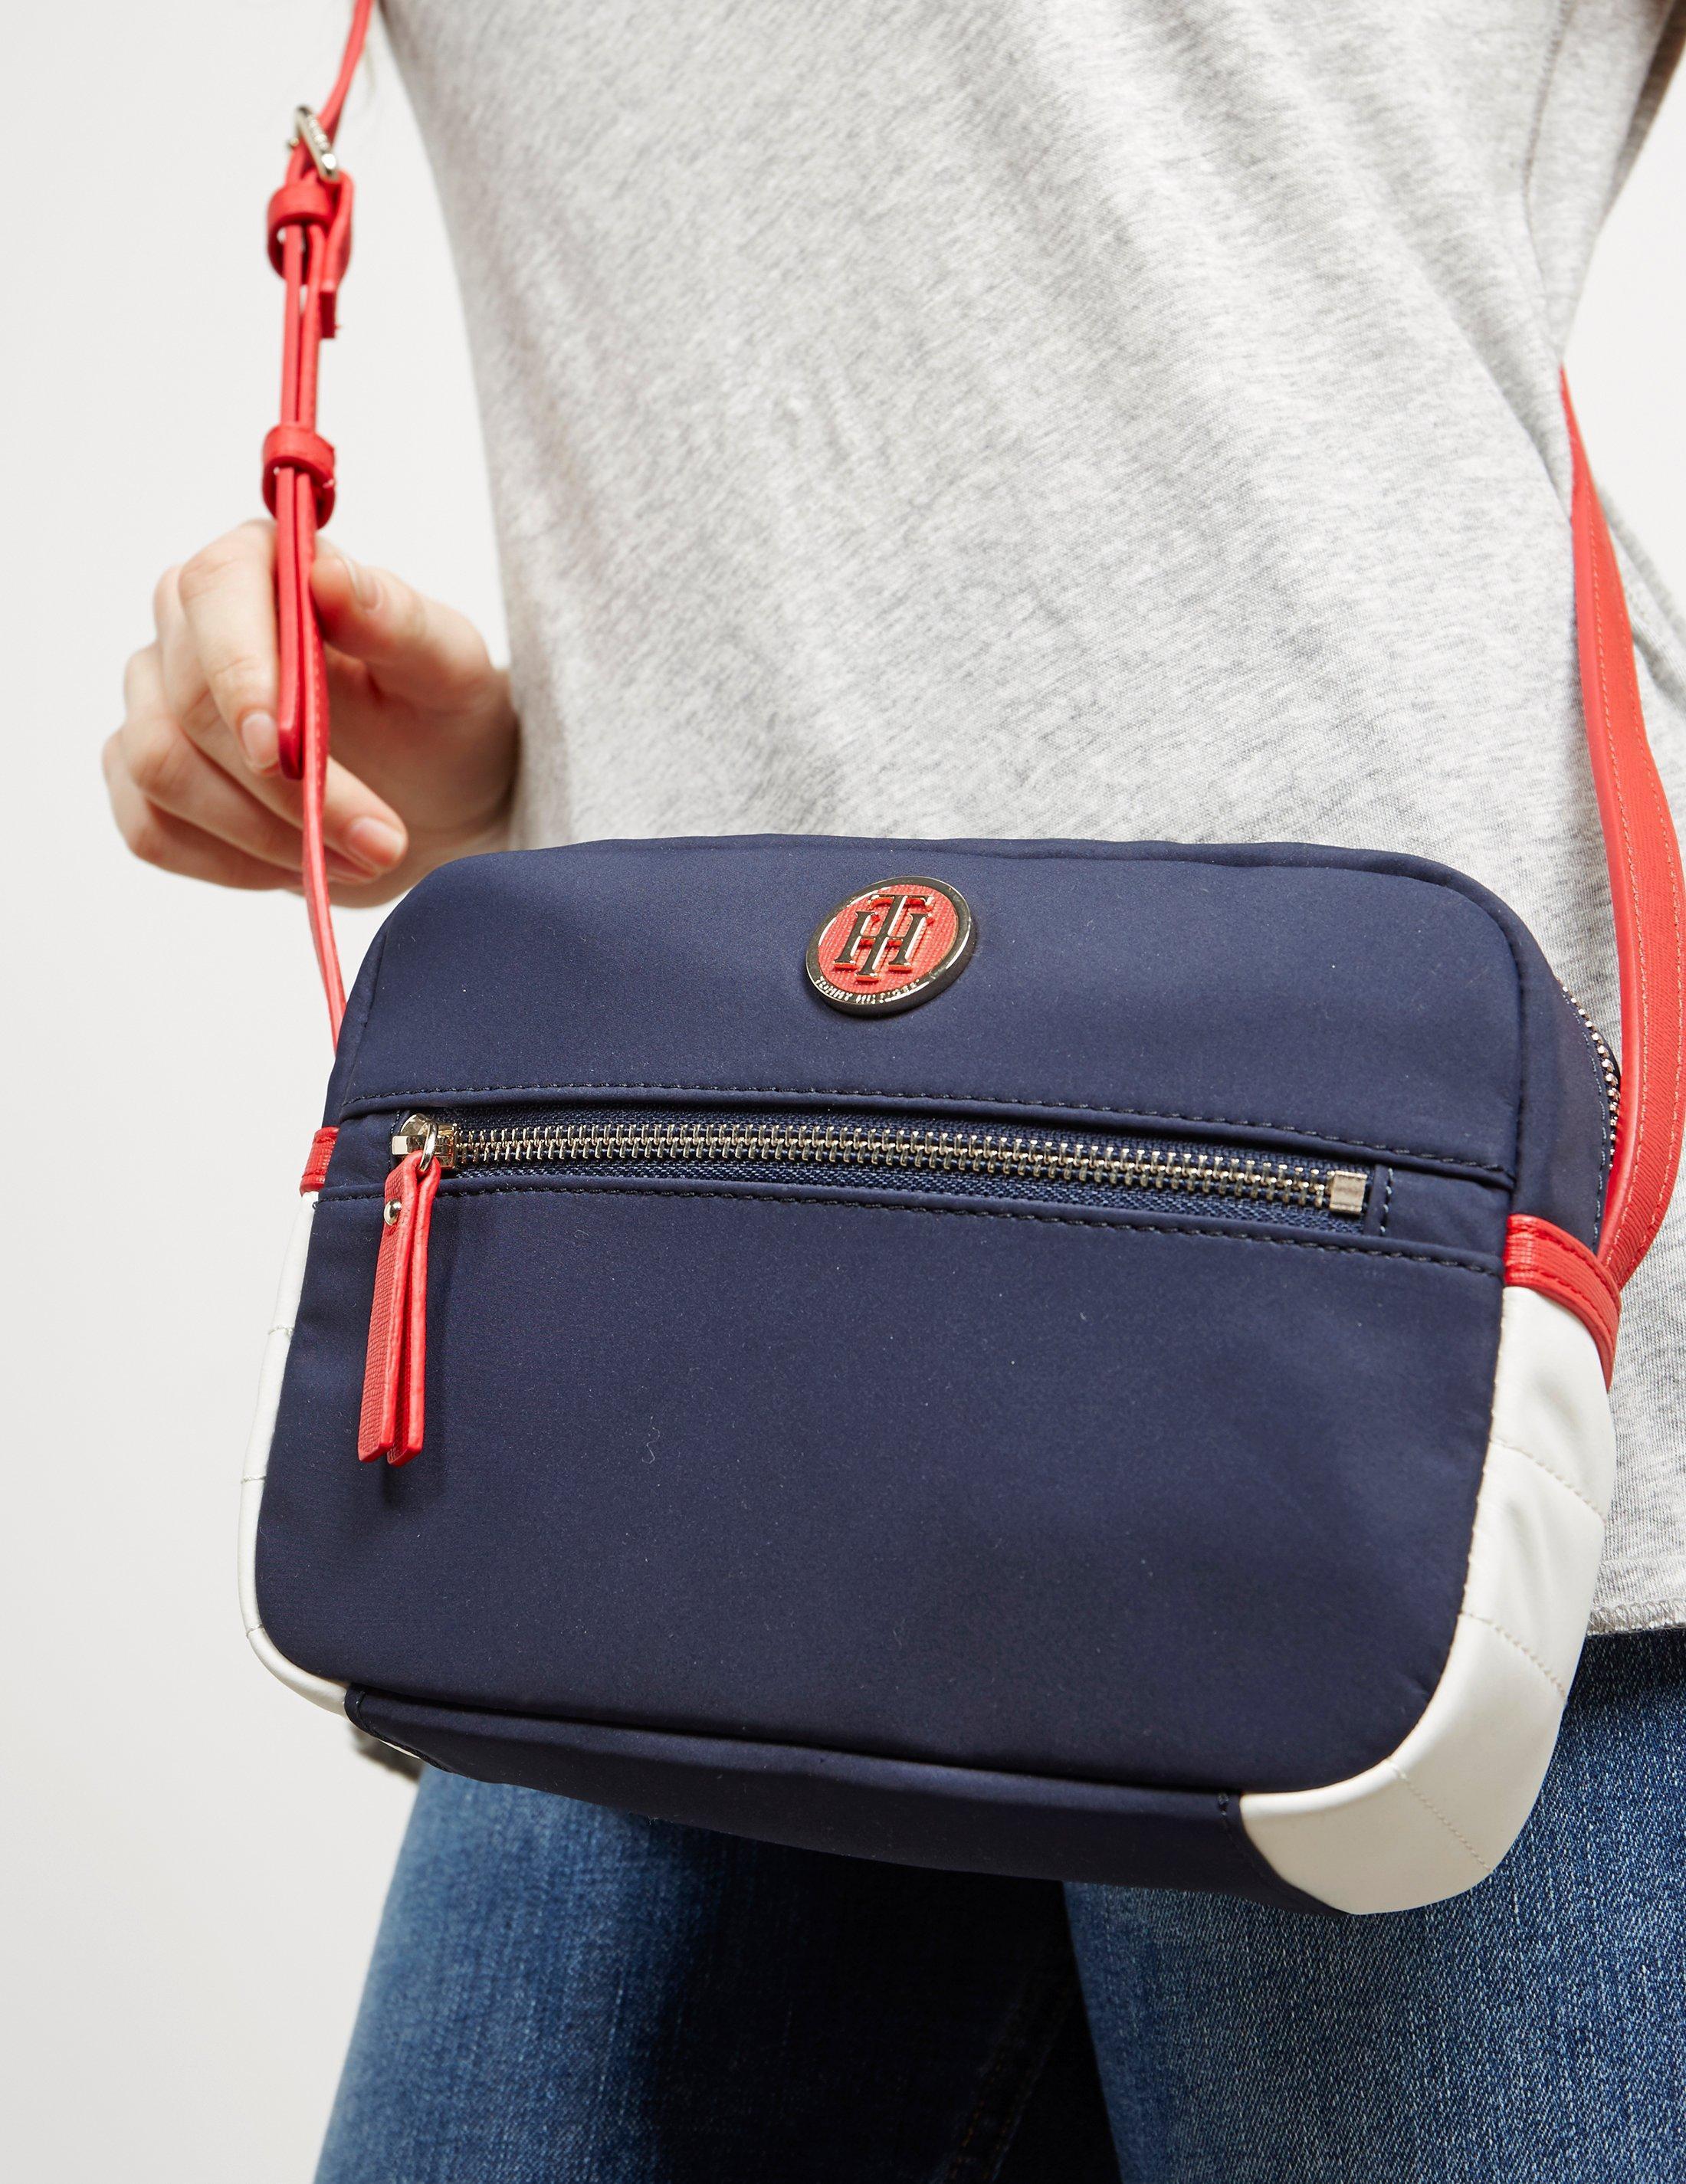 a8fb156c98ca Lyst - Tommy Hilfiger Womens Nylon Crossbody Bag Navy Blue in Blue